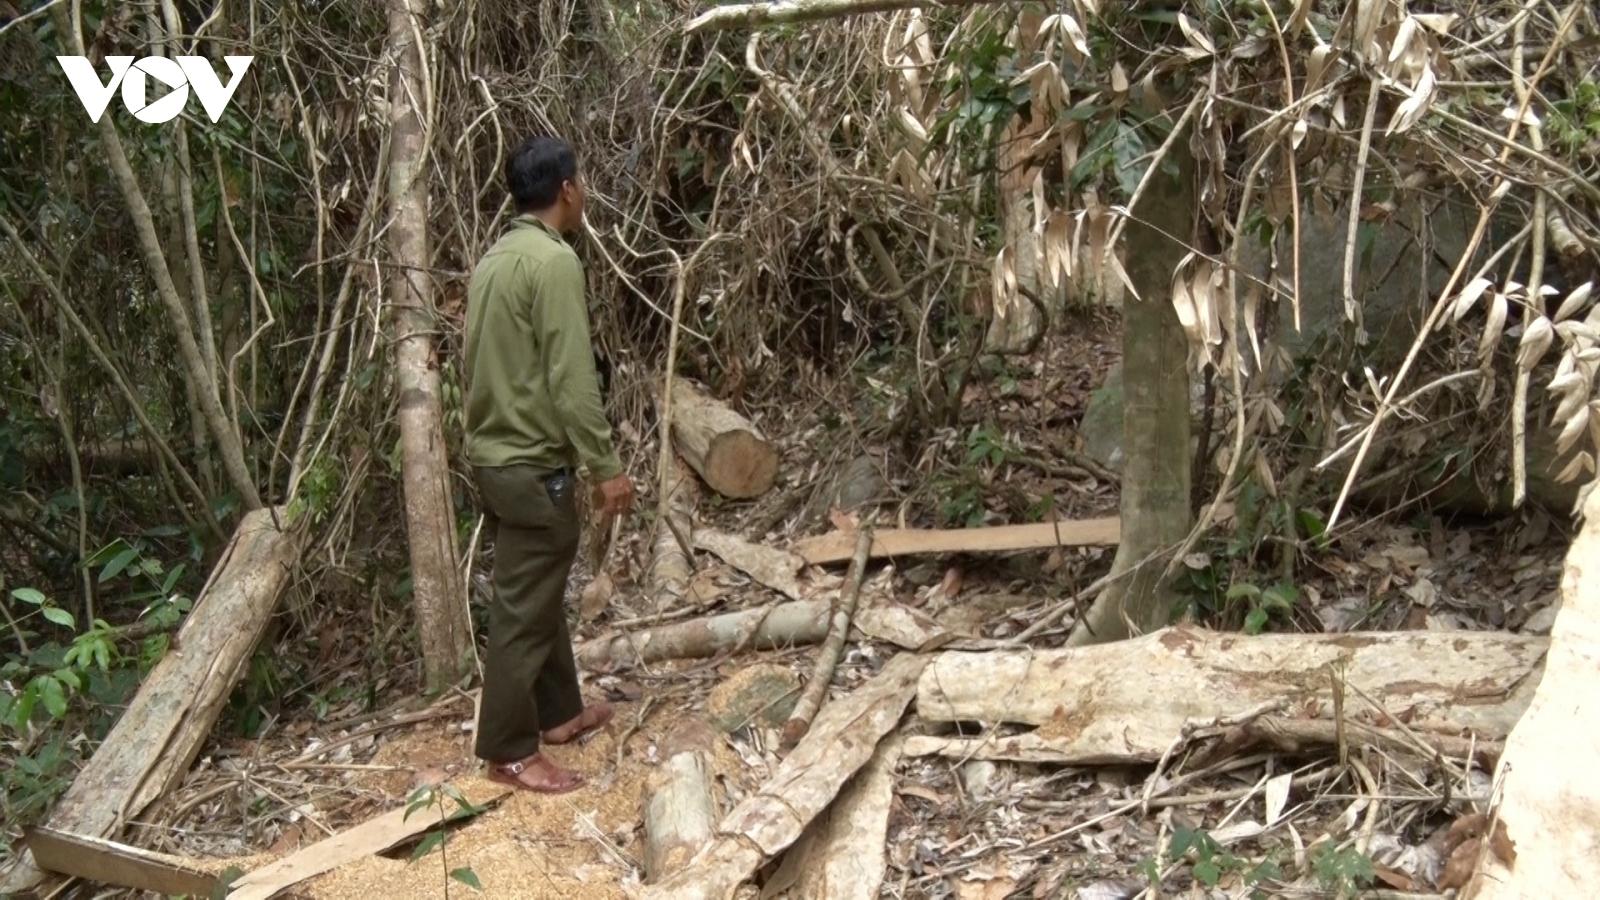 Nóng tình trạngphá rừng ở vùng quy hoạch tưới của Thuỷ lợi Ia Mơr